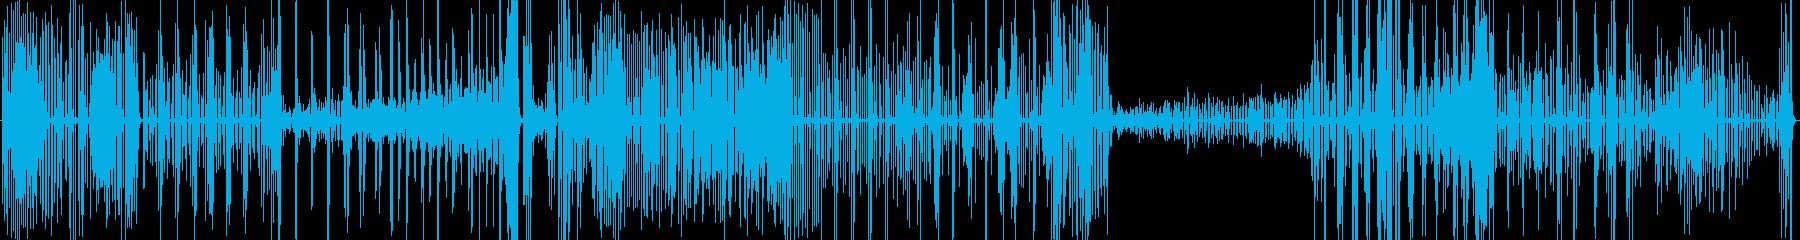 1本のコンガでフリーソロ Congasの再生済みの波形